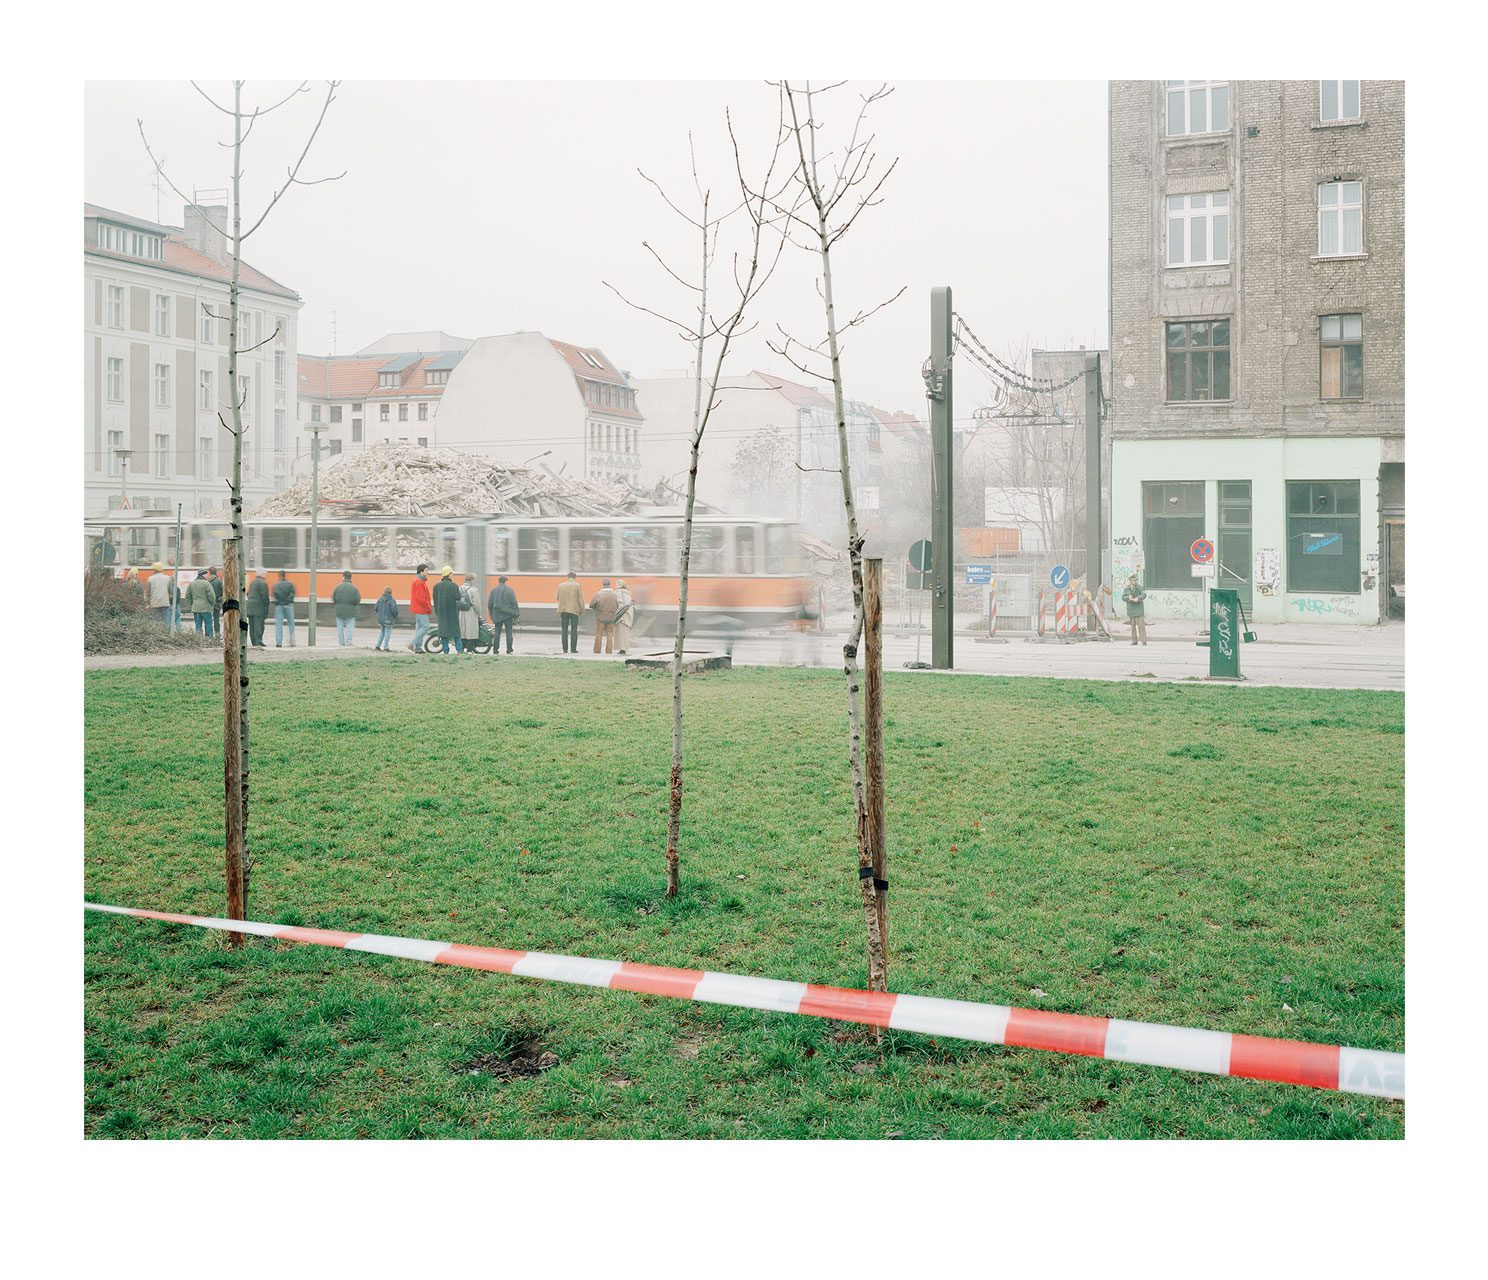 Stadt #09, Alte Schönhauser Strasse, 1995